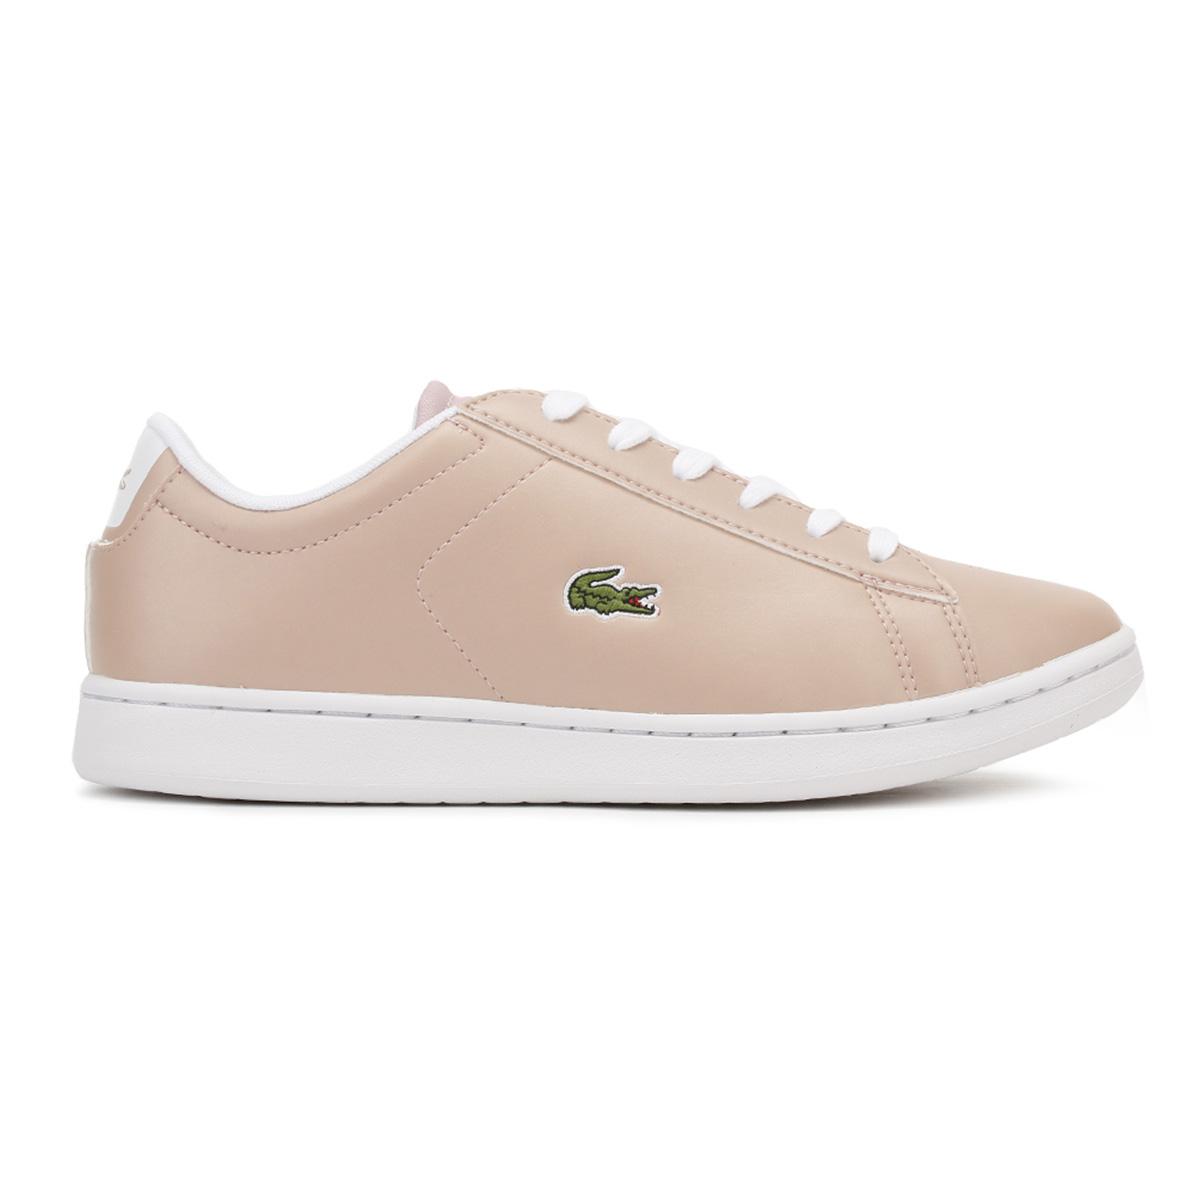 Adidas Infant Shoes Uk